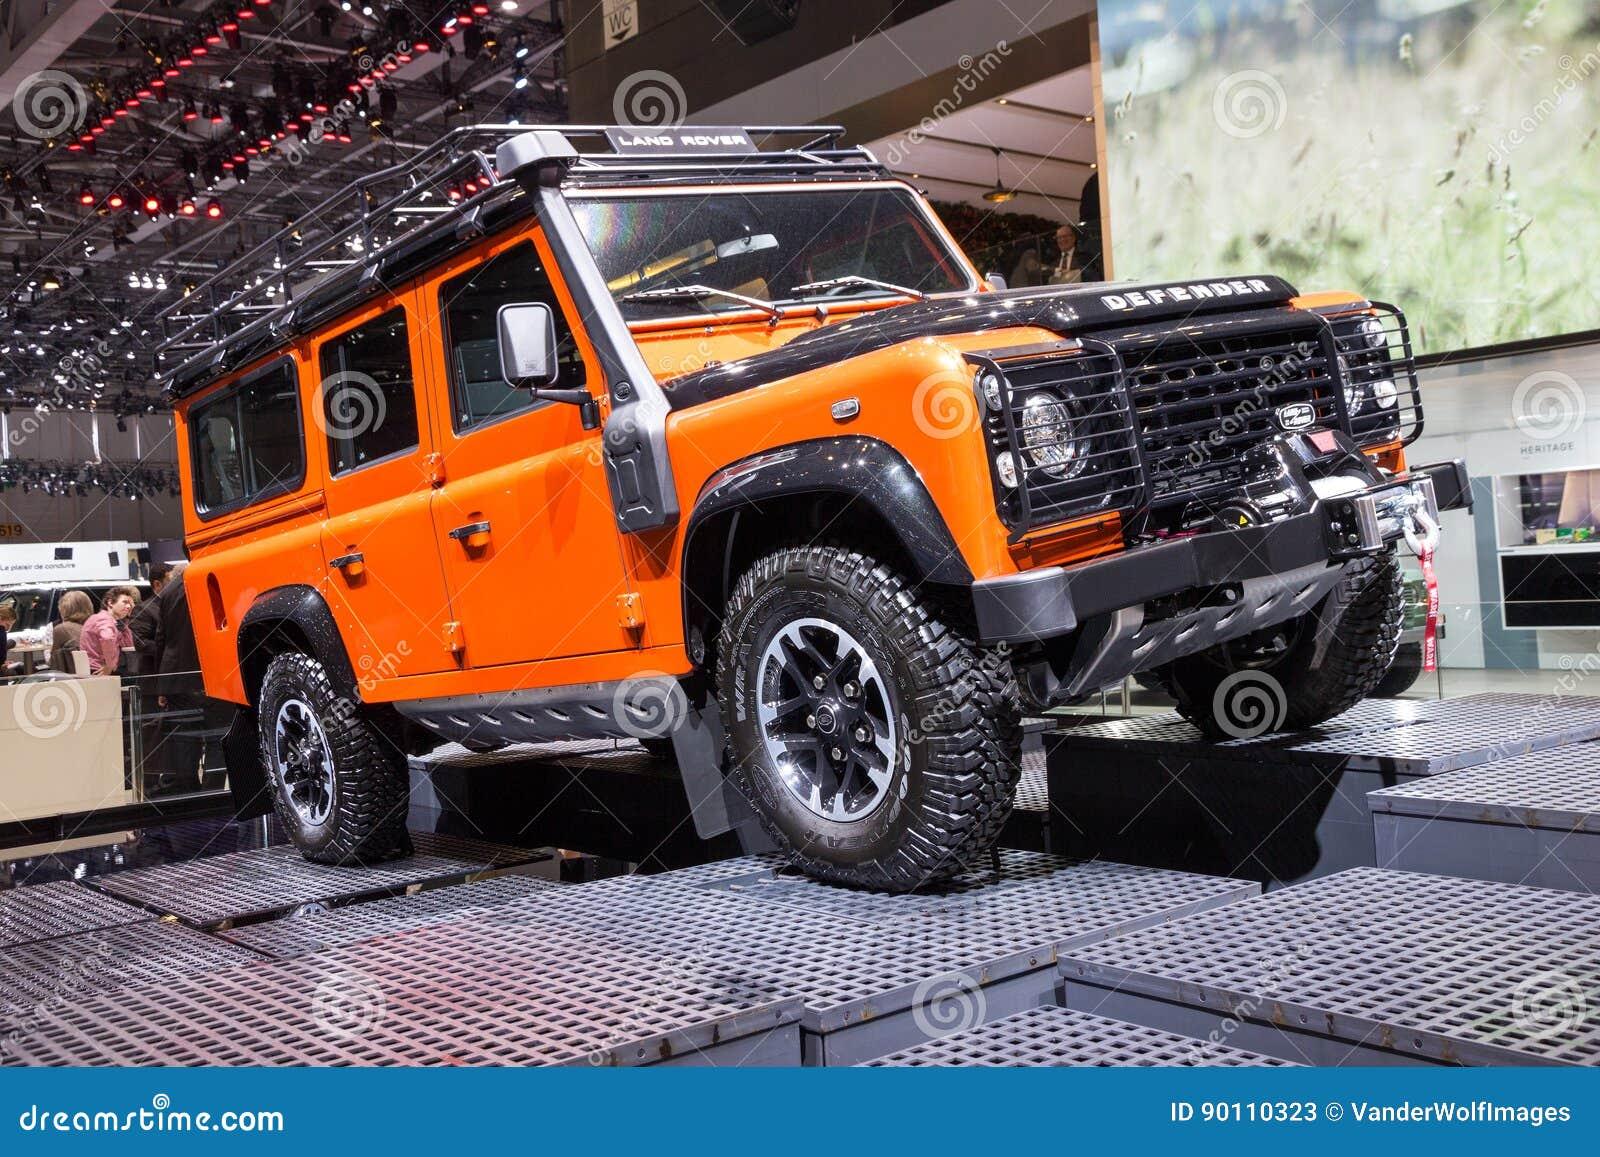 Land Rover Defender Auto Redaktionelles Stockfoto Bild Von Download Baumuster 90110323